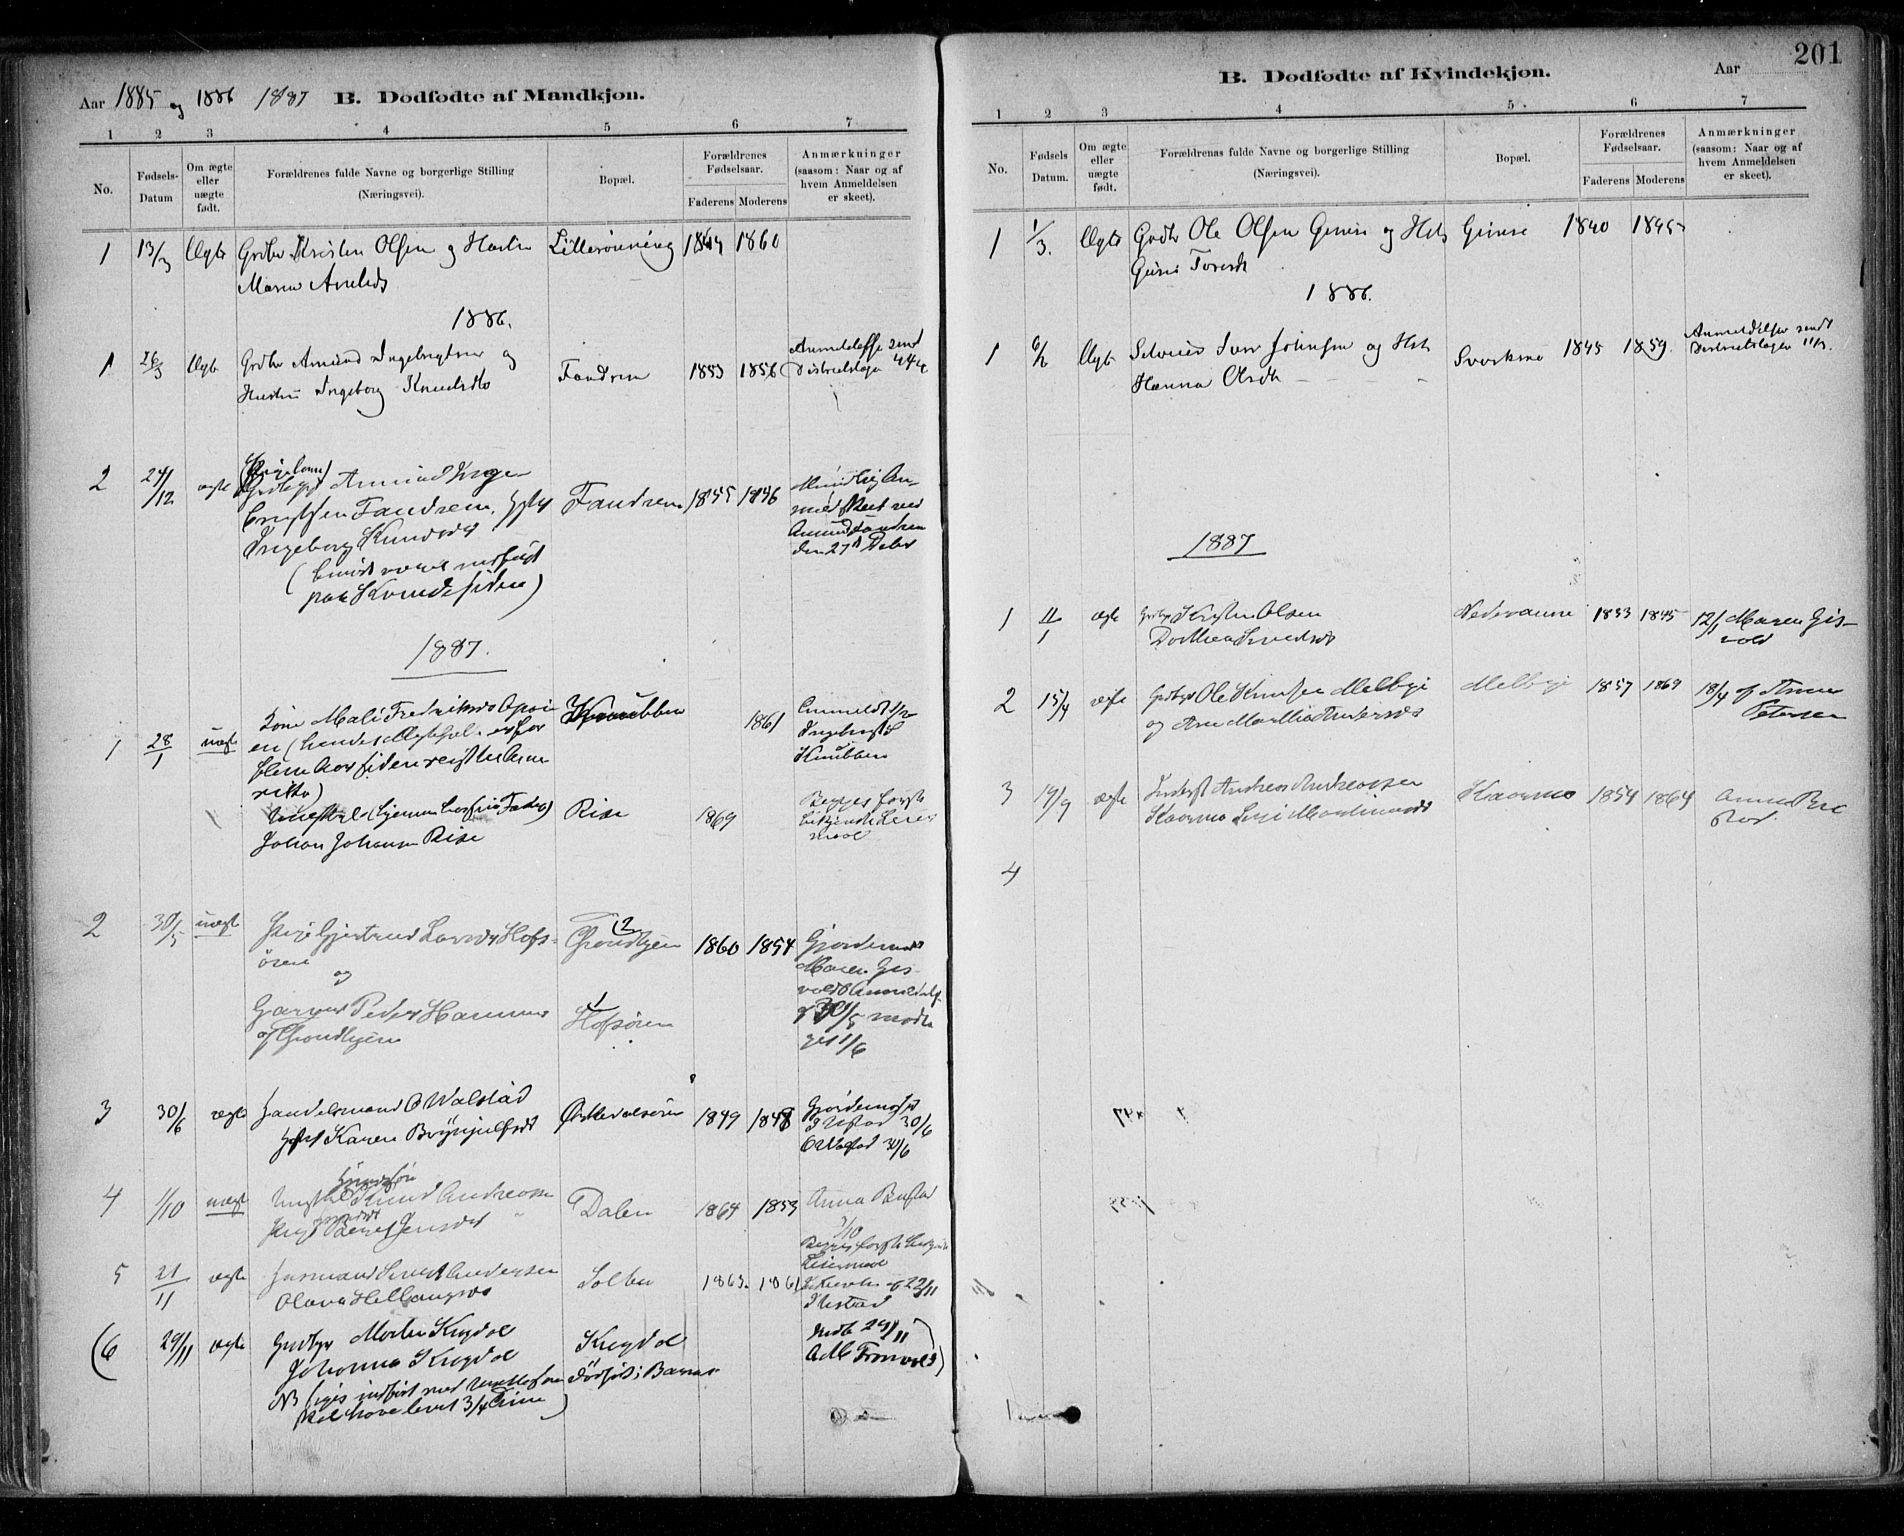 SAT, Ministerialprotokoller, klokkerbøker og fødselsregistre - Sør-Trøndelag, 668/L0809: Ministerialbok nr. 668A09, 1881-1895, s. 201